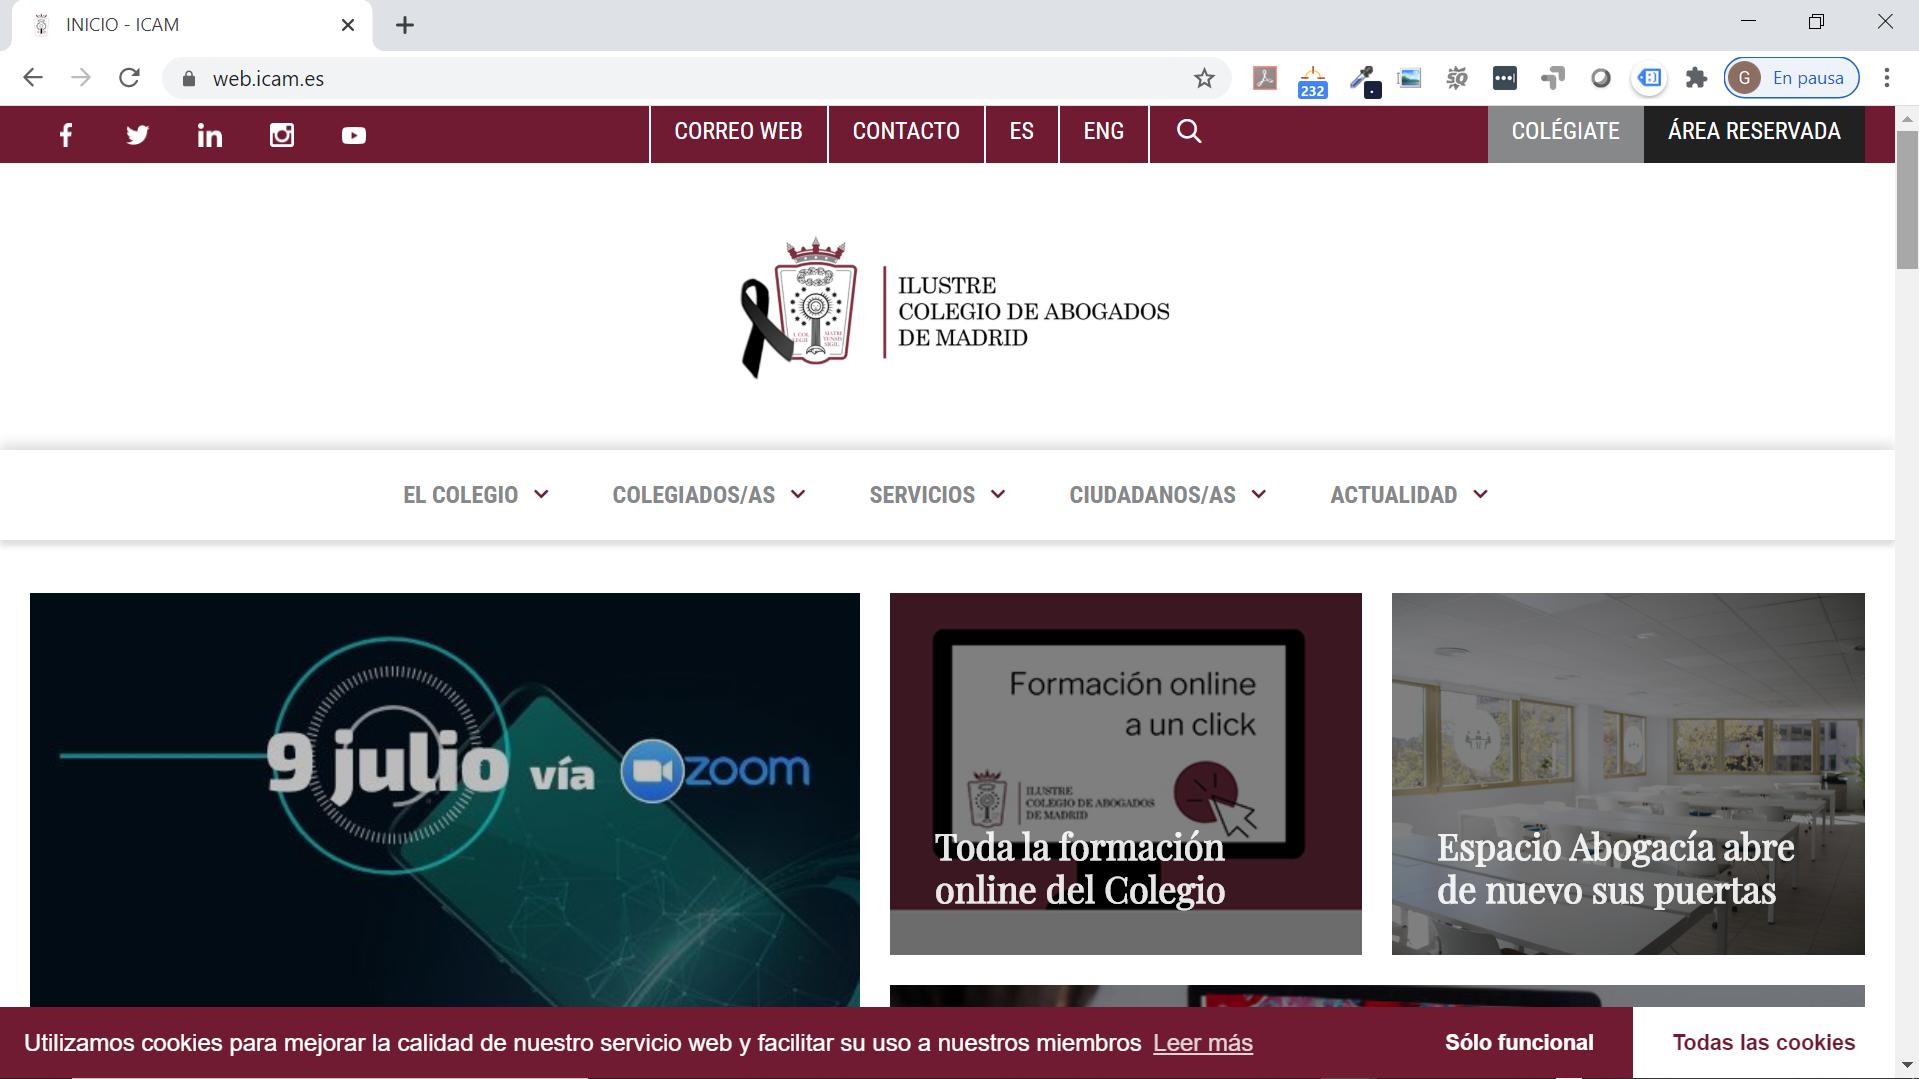 Rediseño de nueva web ICAM